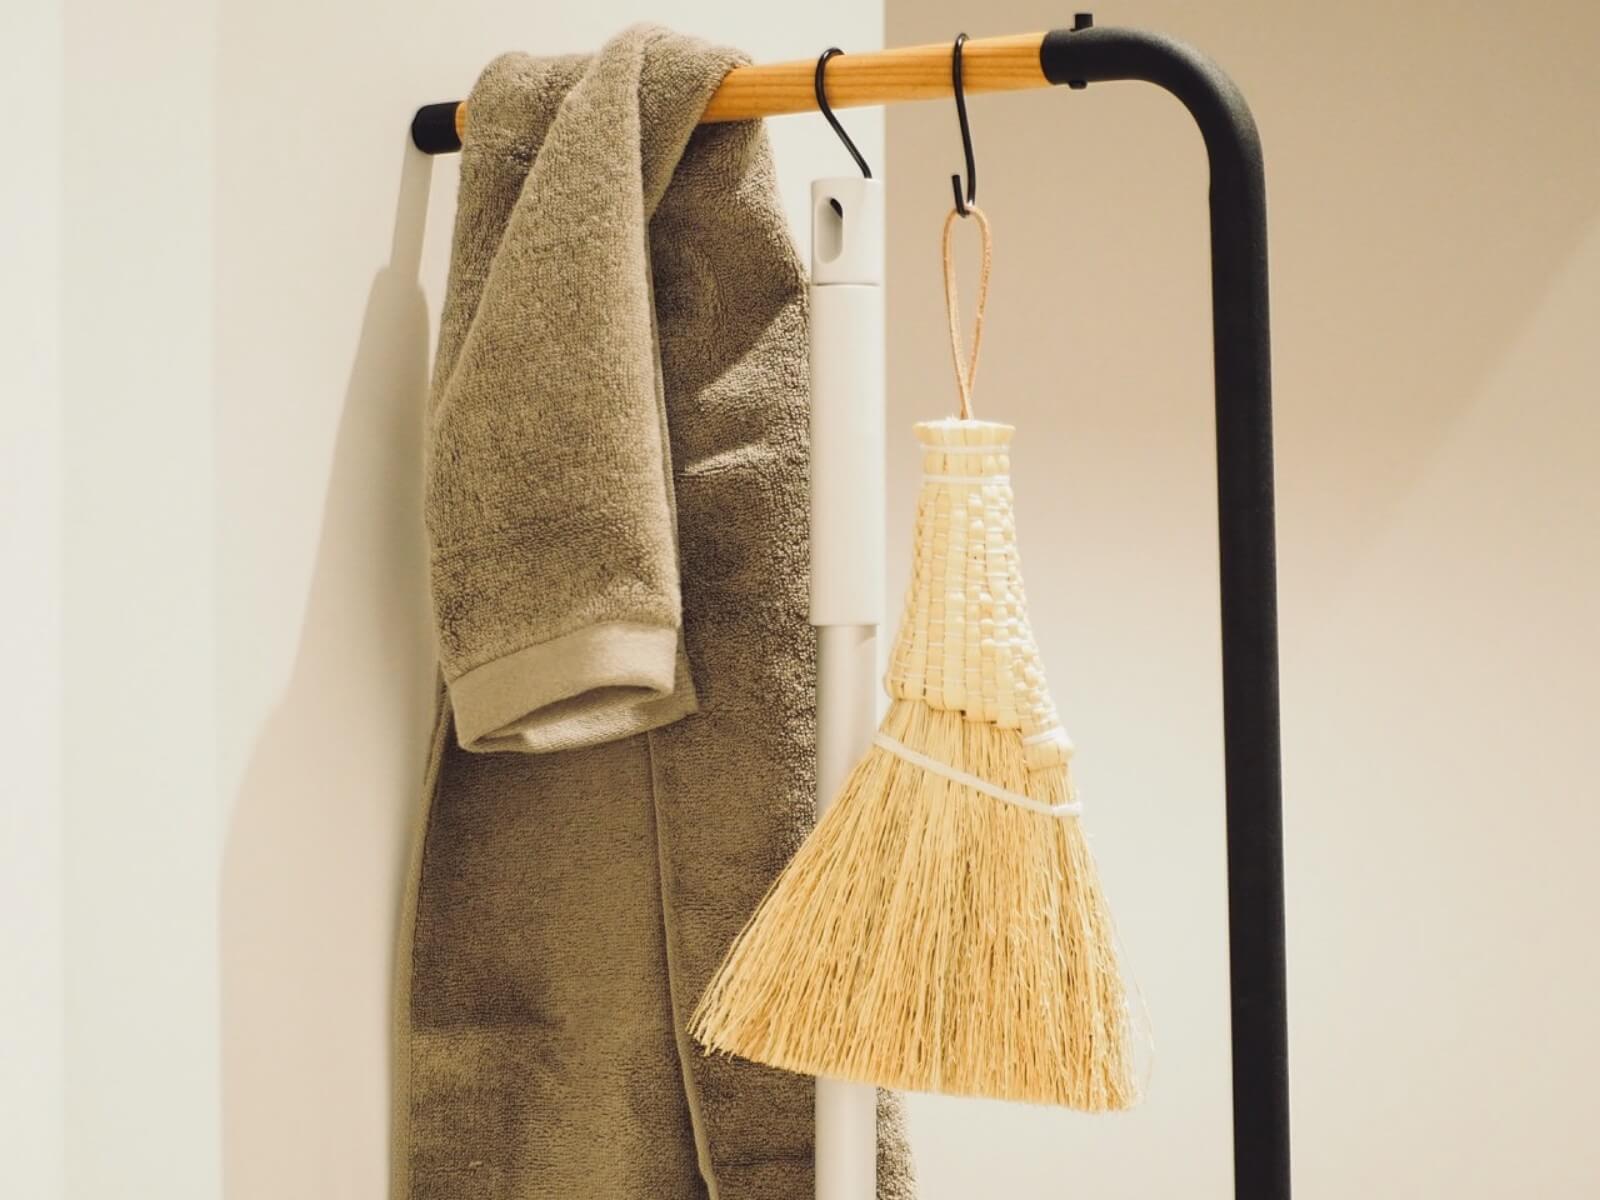 コートやバッグだけでなく、お掃除用具をまとめて掛けたり、ドライフラワーを飾ったりと使い方は様々。